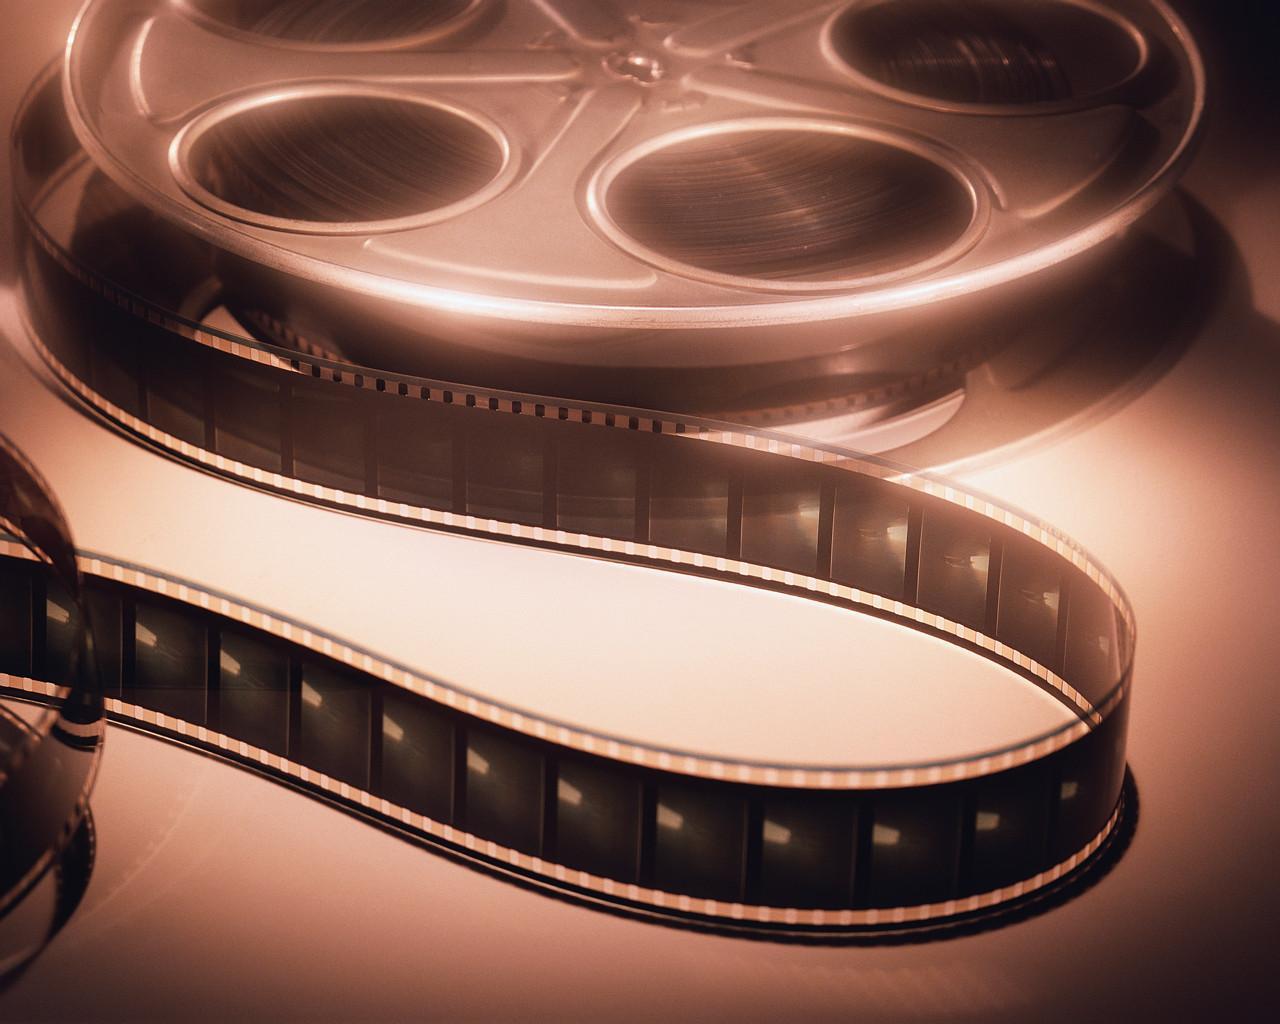 Les films cultes - 3